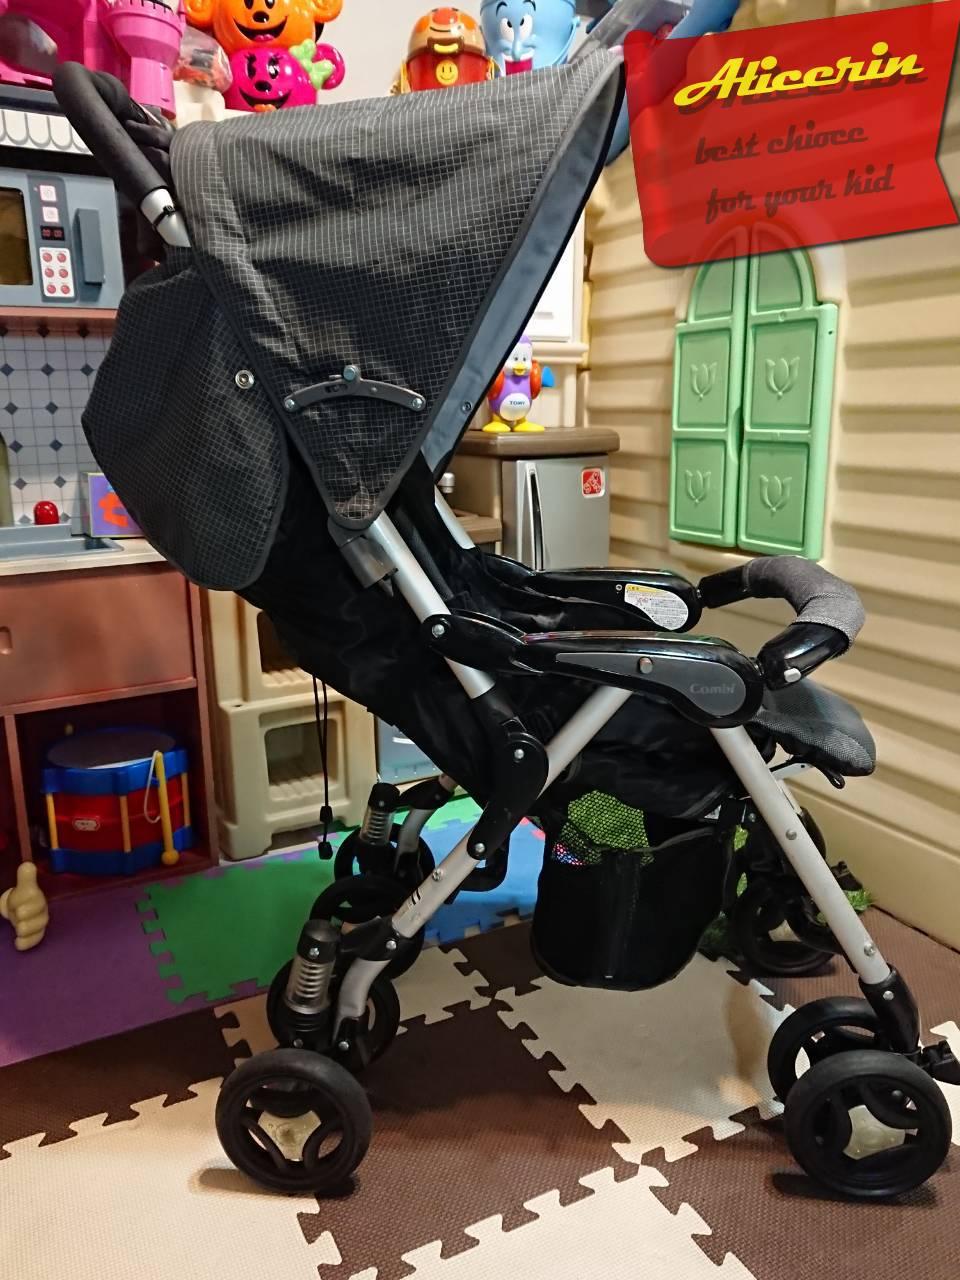 รถเข็นเด็กมือสอง Combi รุ่น Do KId 5 สามารถใช้งานกับคาร์ซีทกระเช้ารุ่น Prim Baby